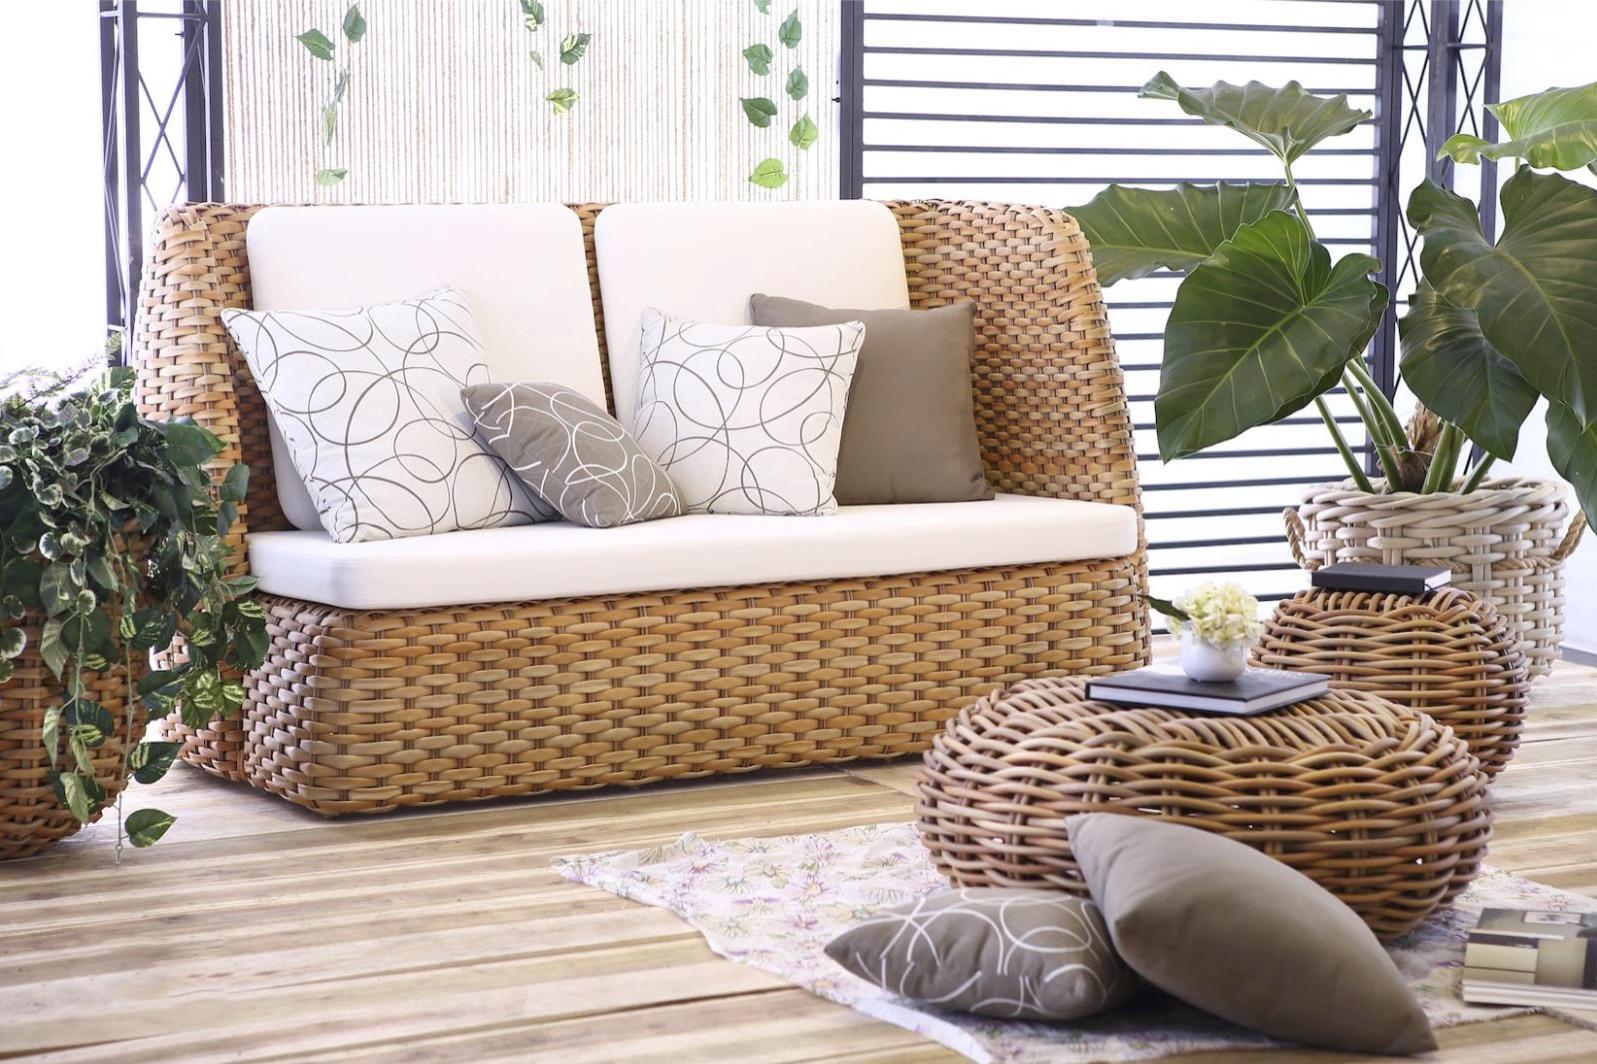 emilia sofa aloha couture outdoor. Black Bedroom Furniture Sets. Home Design Ideas